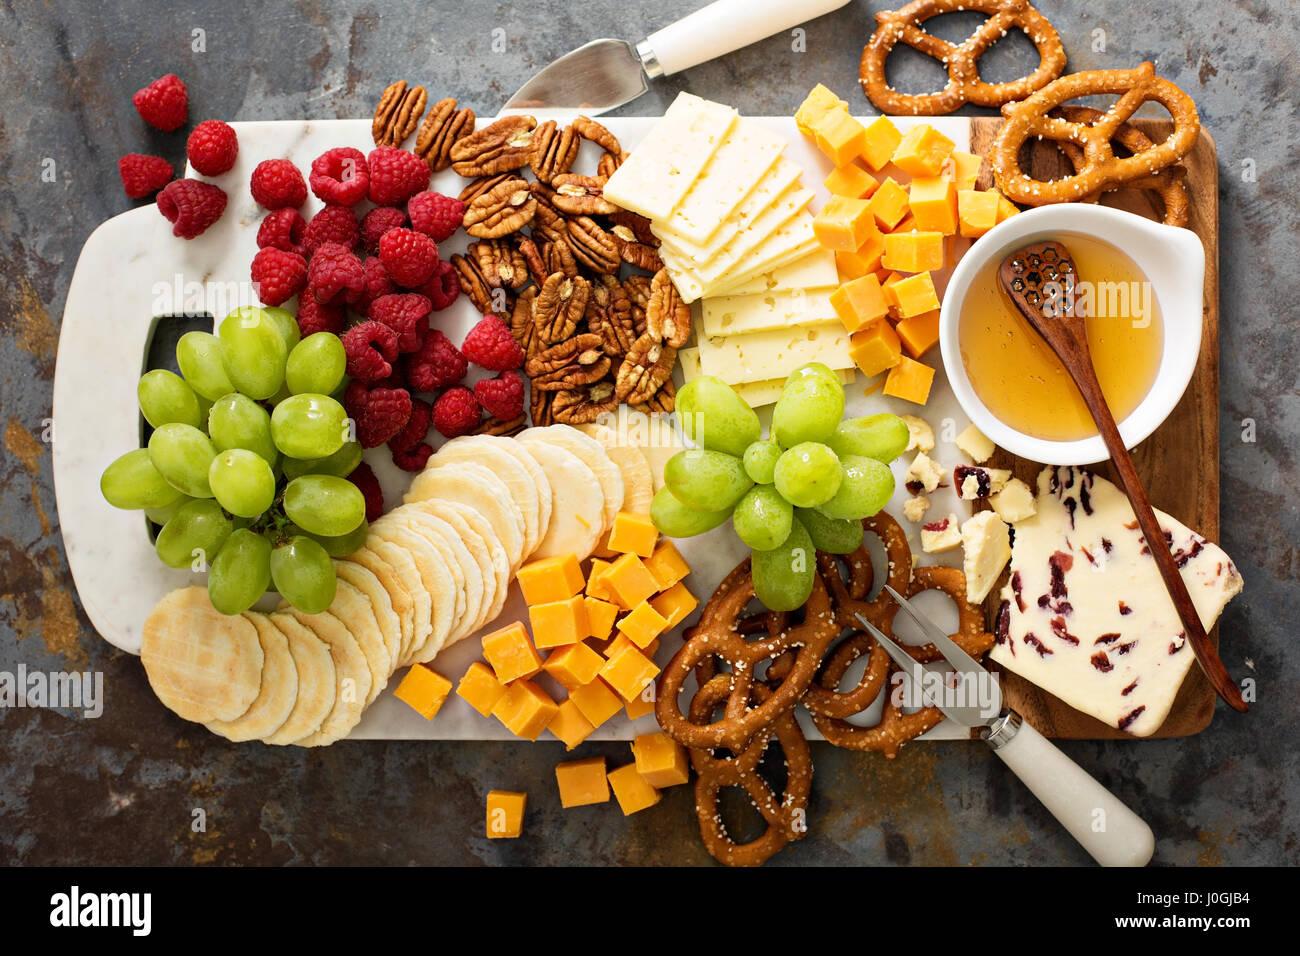 Queso y un plato de bocadillos y fruta fresca con miel. Imagen De Stock